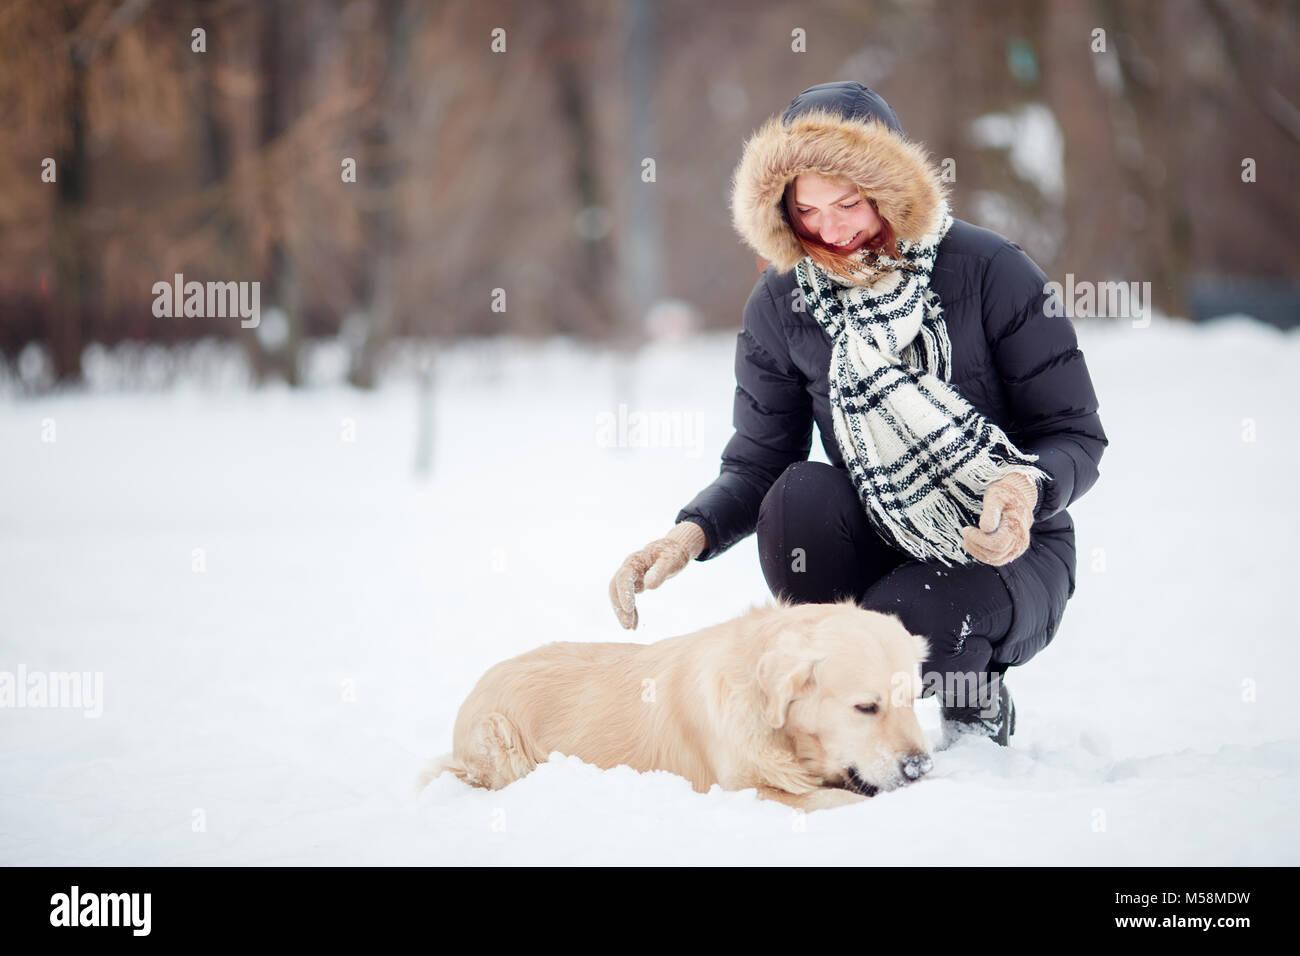 Photo de femme accroupie à côté de labrador dans winter park Photo Stock